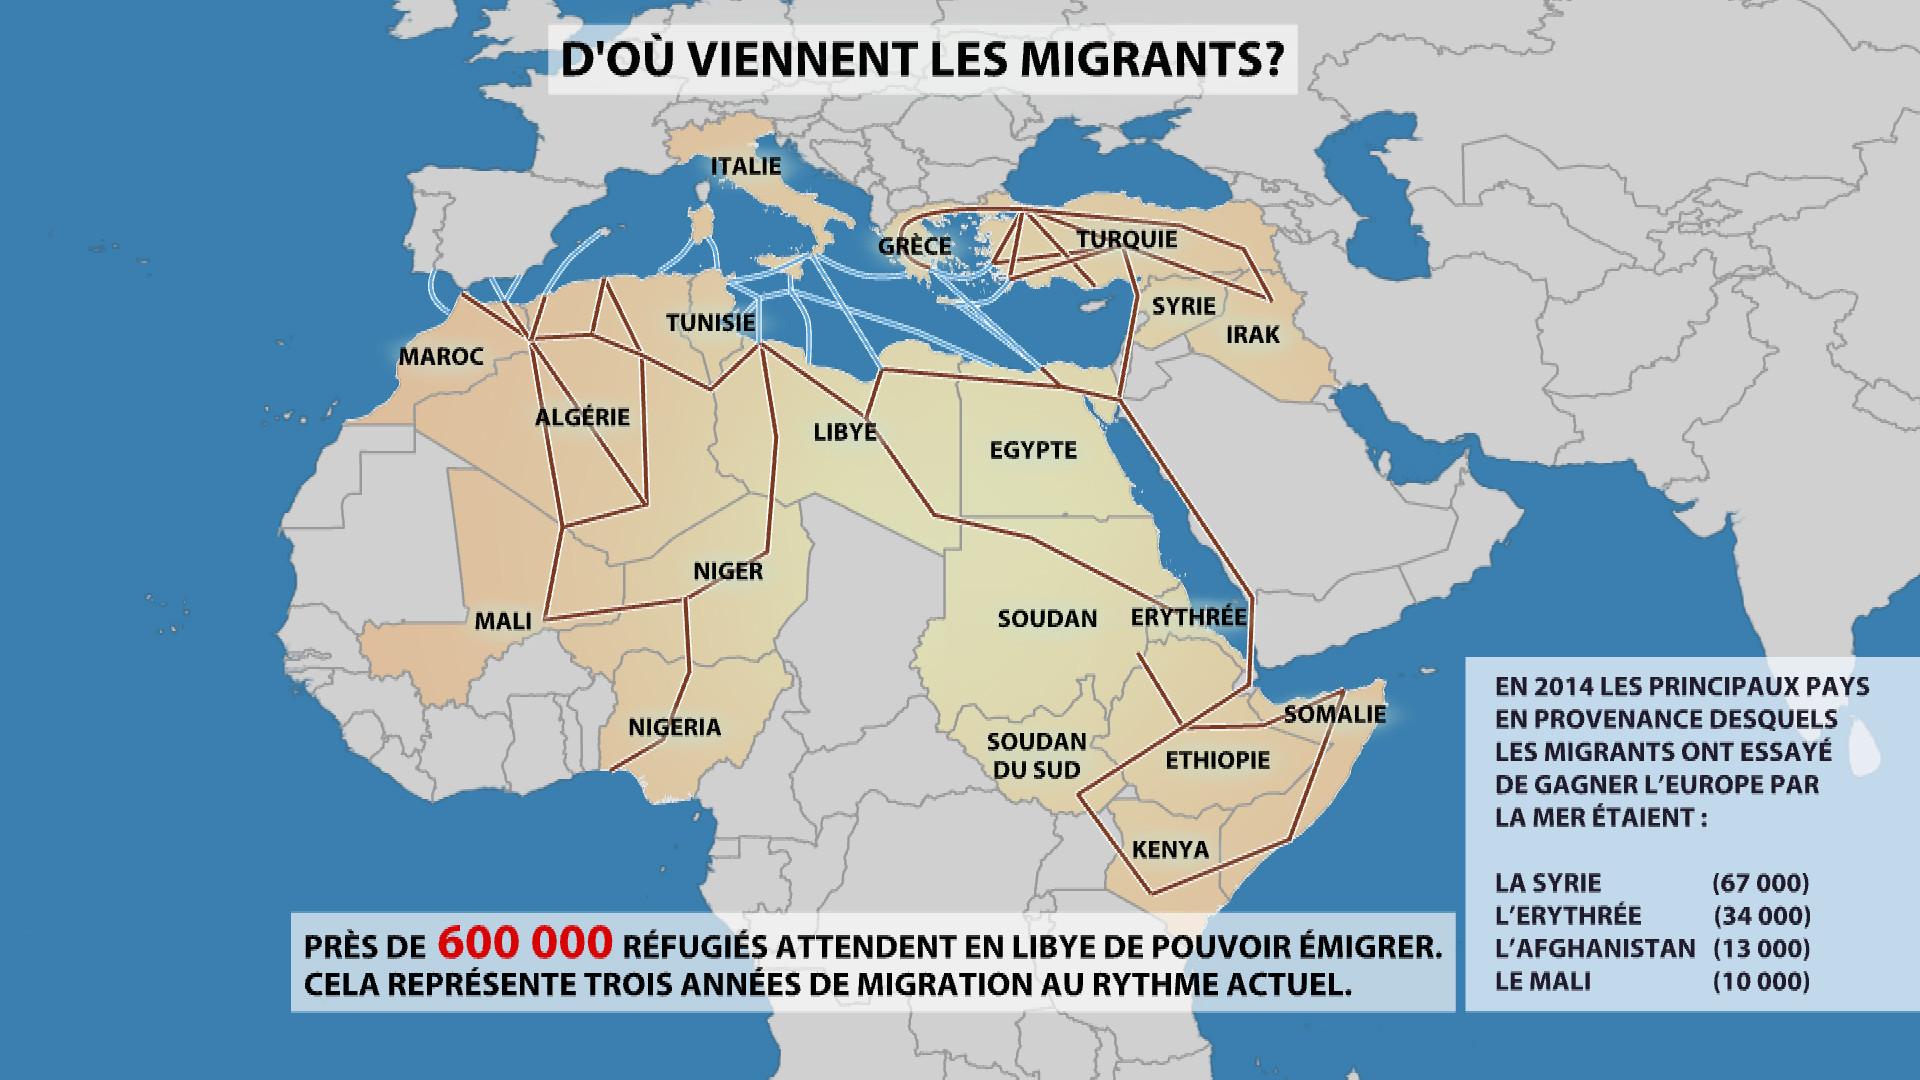 La France envisagerait des frappes aériennes contre Daesh en Syrie